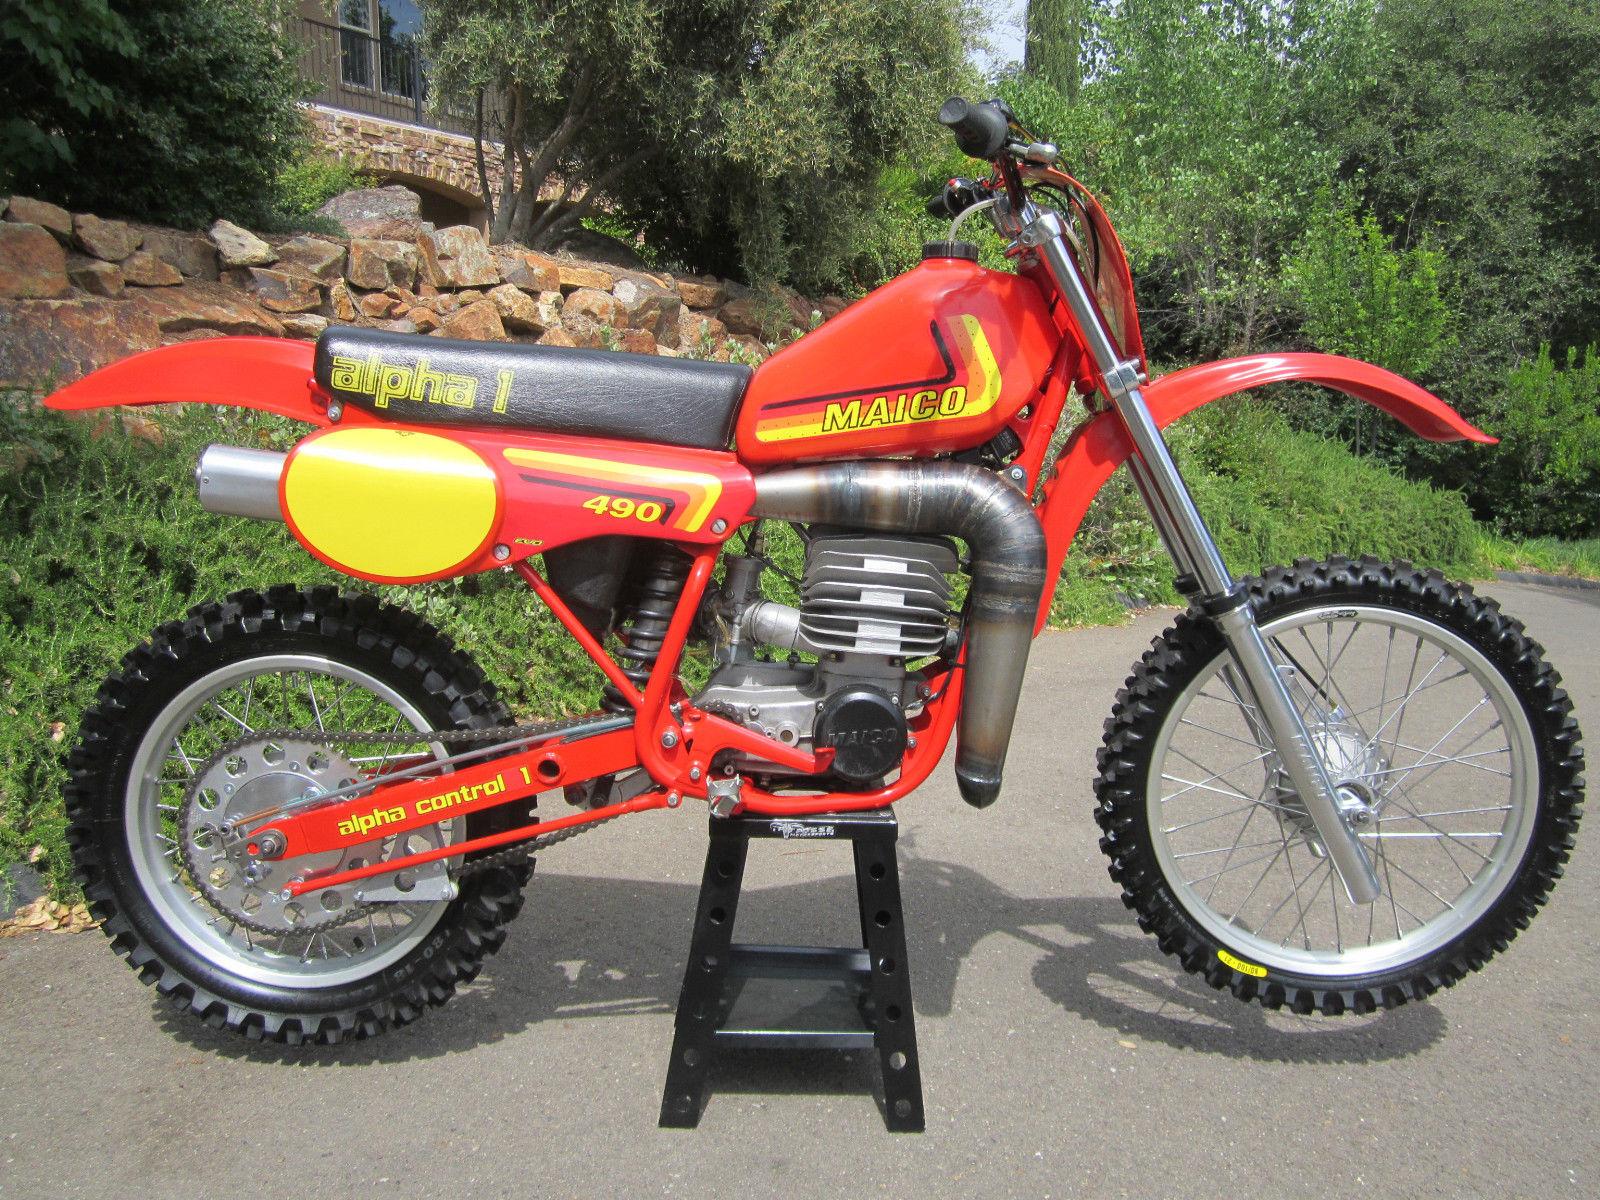 Maico 490 Alpha-1 - 1982